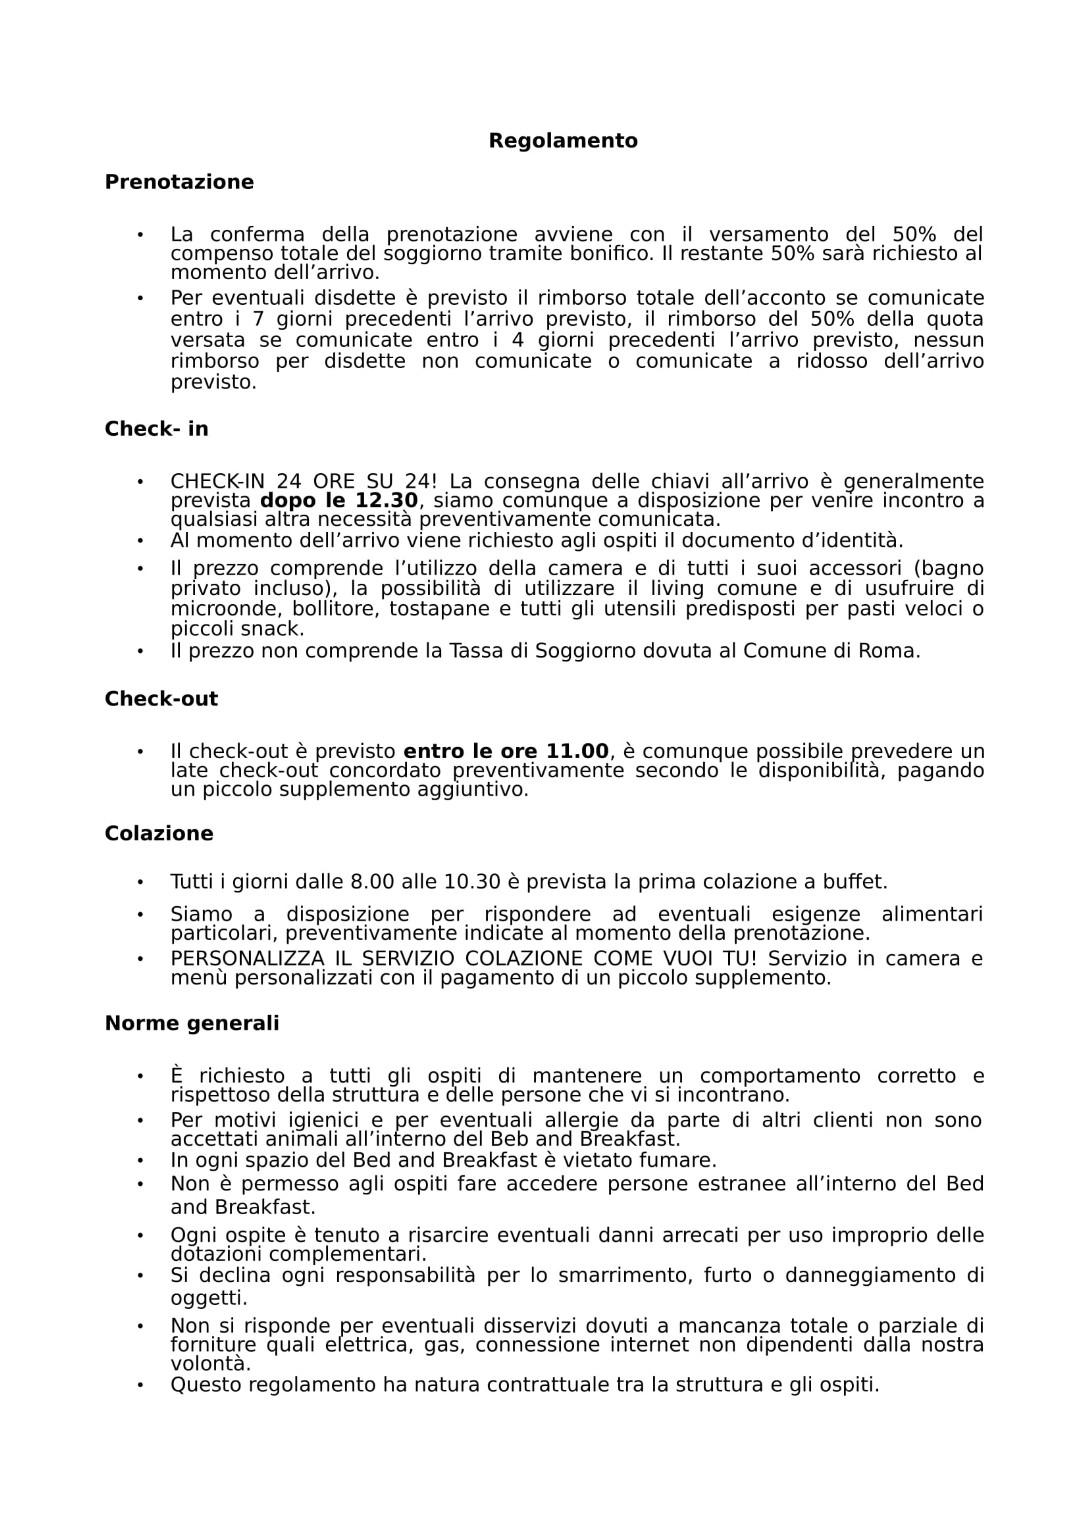 Beautiful Regolamento Tassa Di Soggiorno Ideas - Design Trends 2017 ...